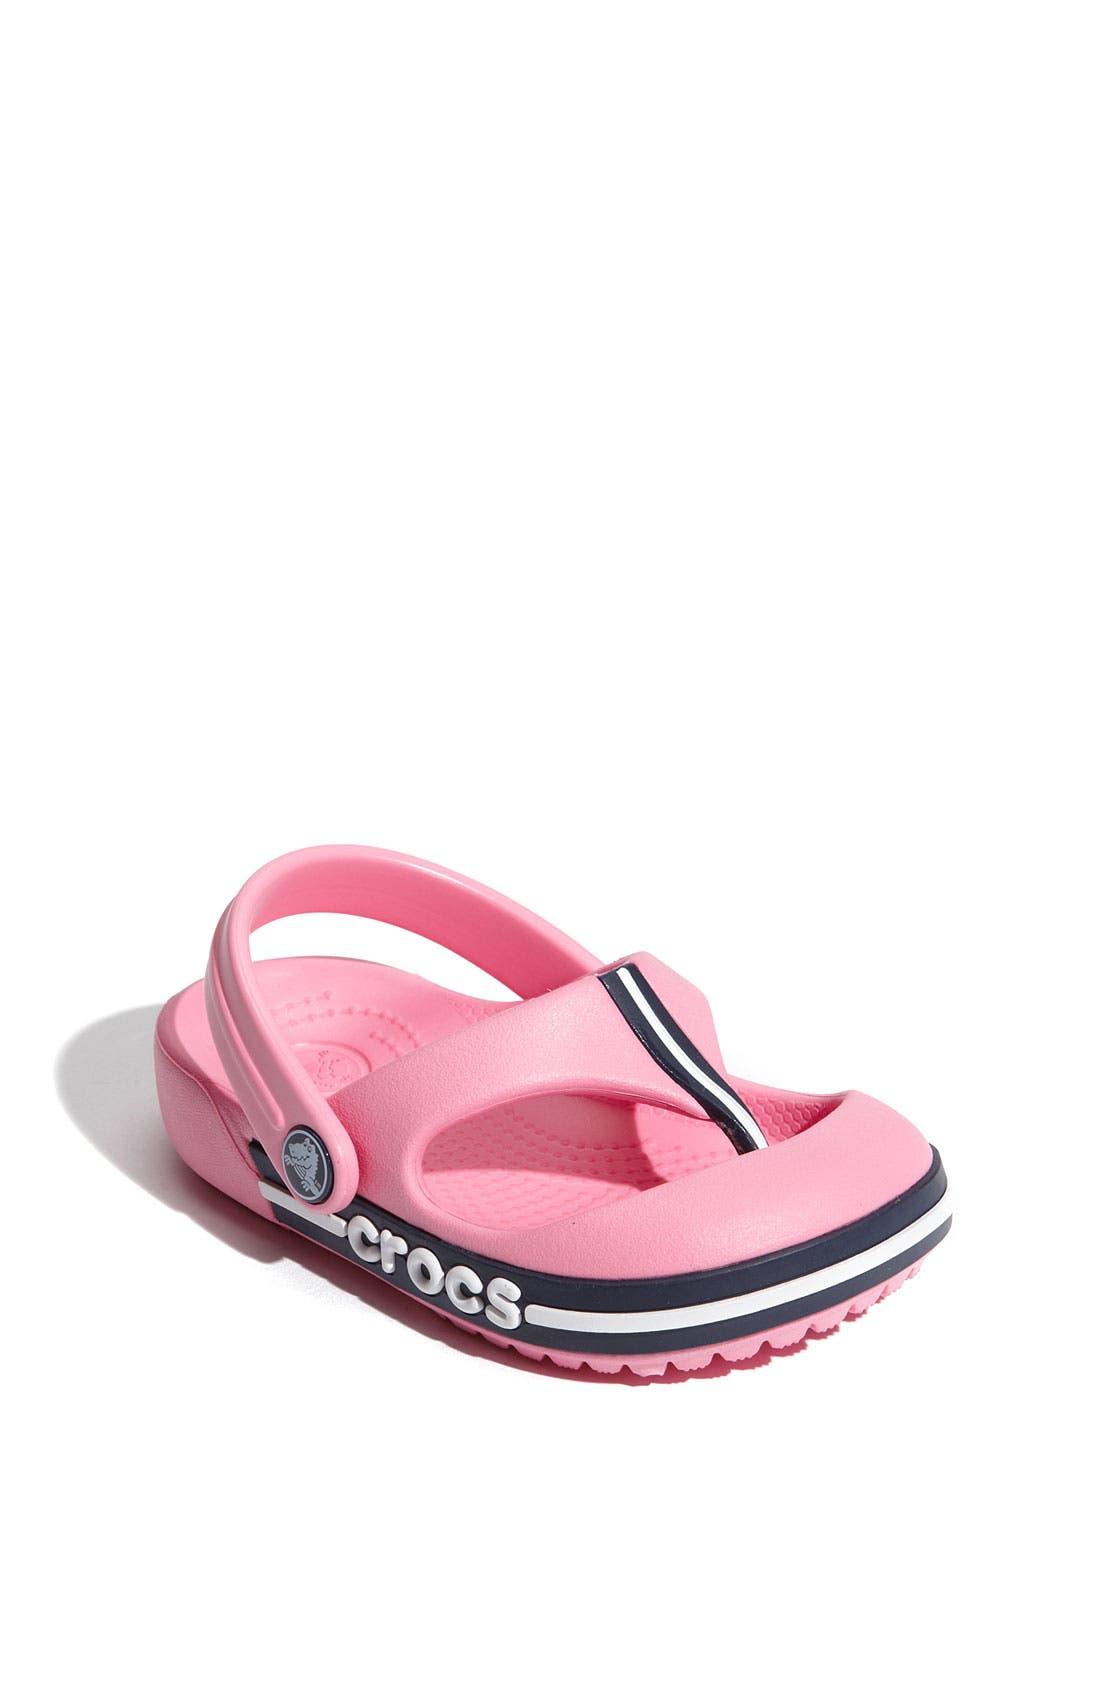 Alternate Image 1 Selected - CROCS™ 'Crocband' Flip Flop (Walker, Toddler & Little Kid)